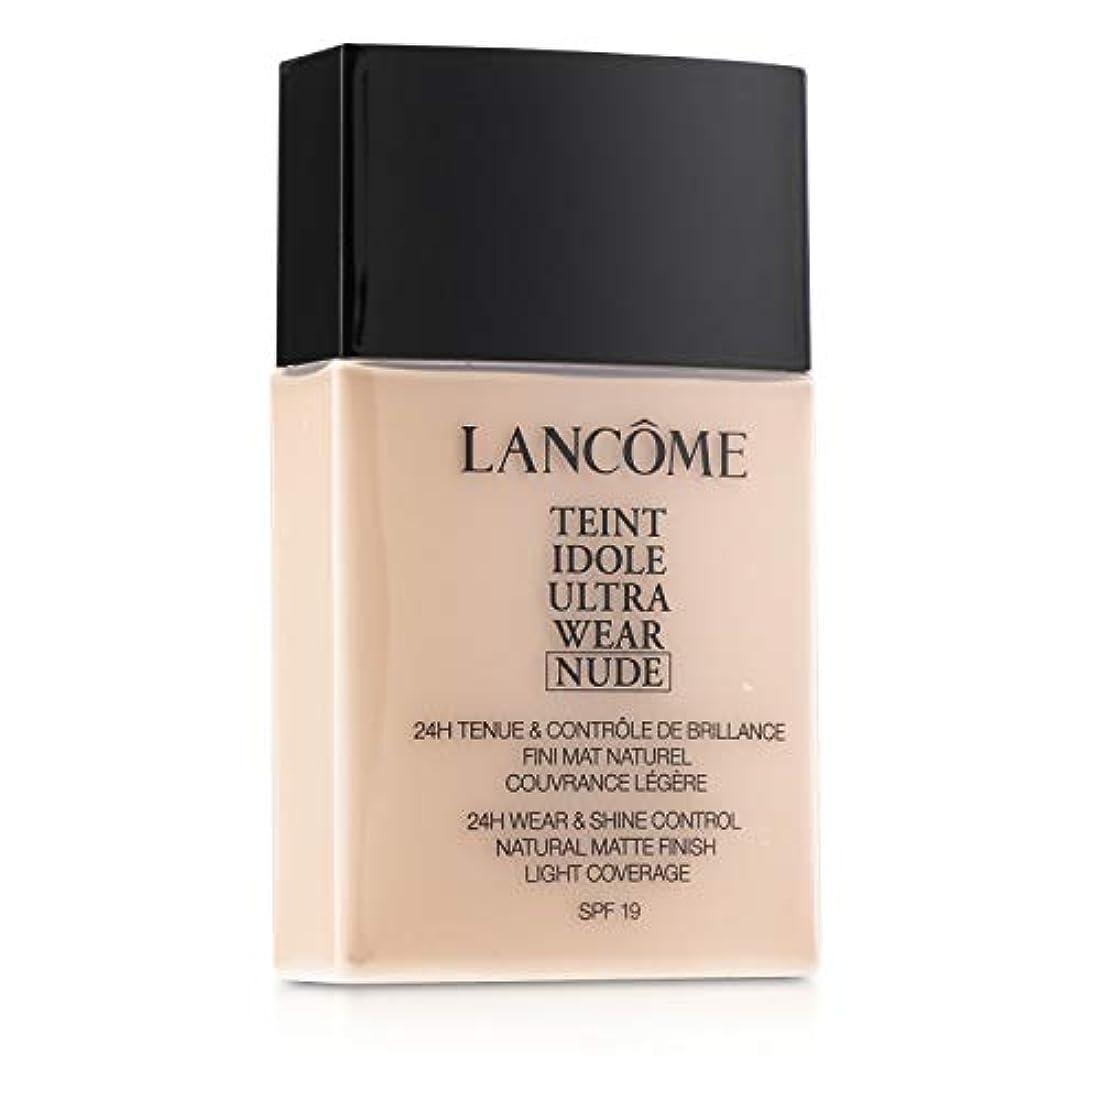 のぞき見はぁできないランコム Teint Idole Ultra Wear Nude Foundation SPF19 - # 007 Beige Rose 40ml/1.3oz並行輸入品